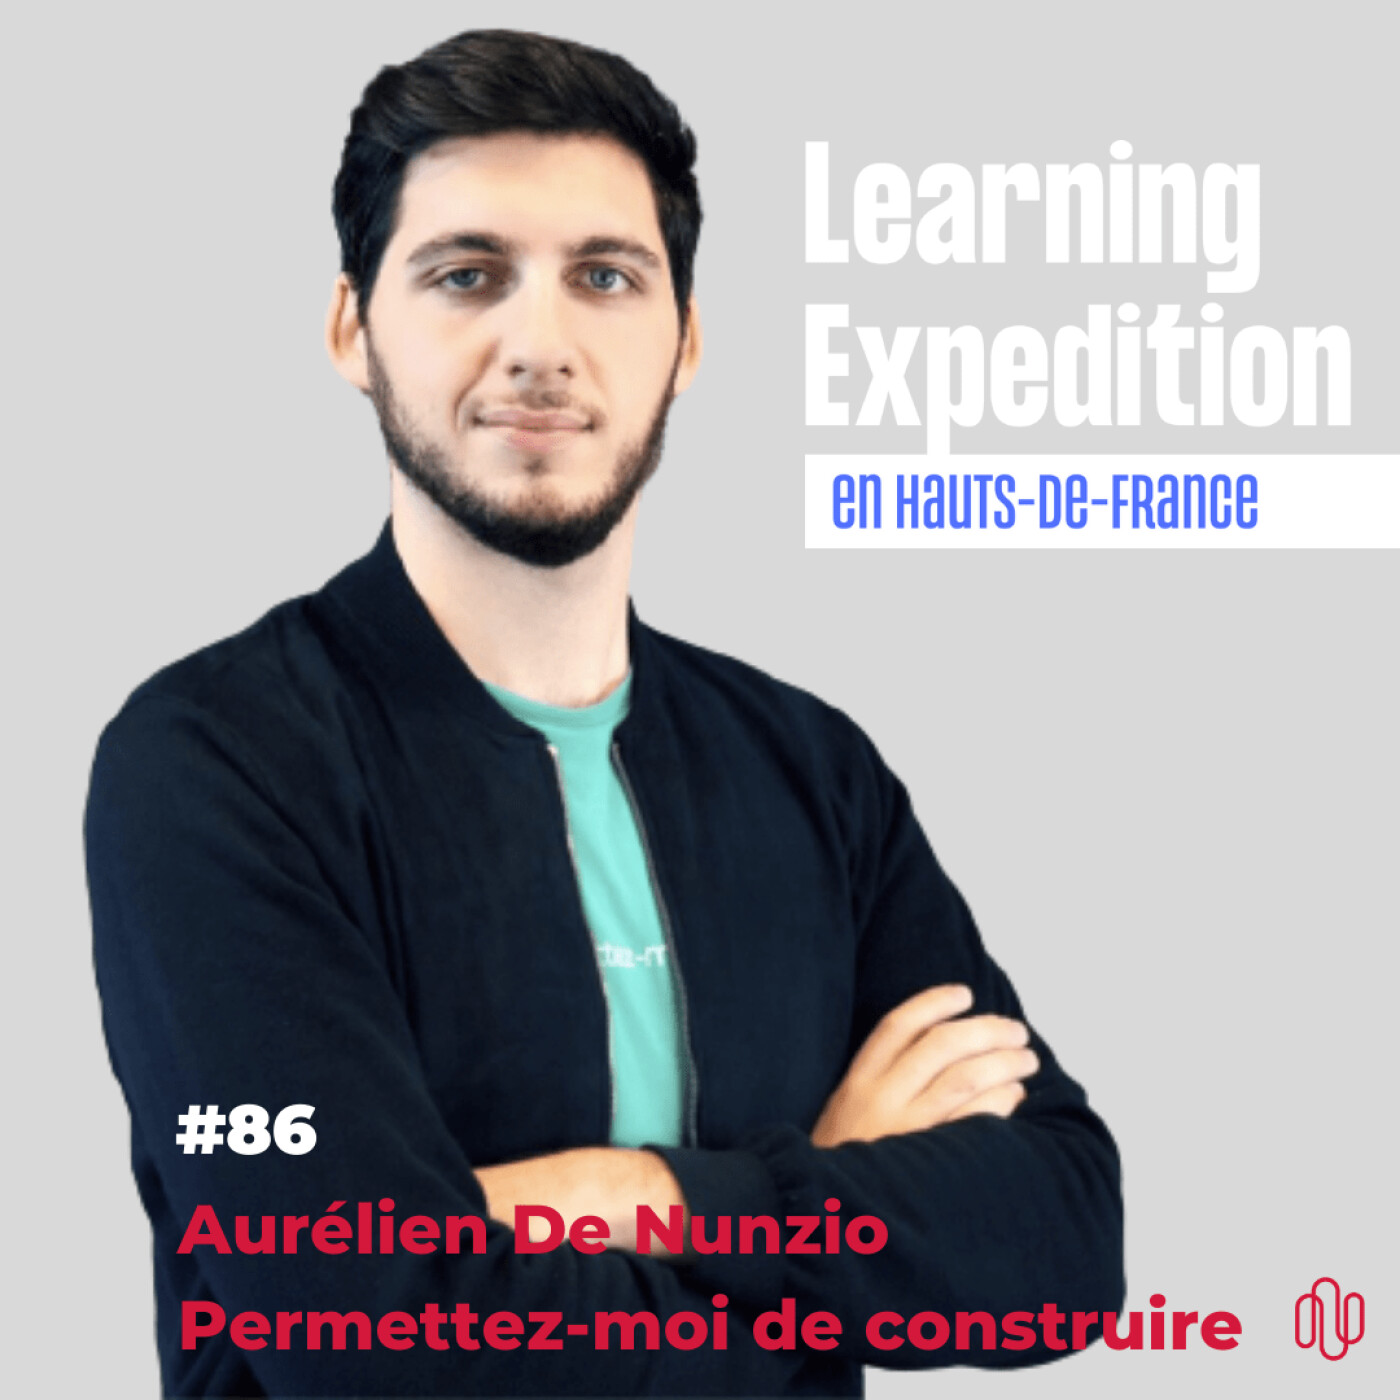 #86 - Aurélien De Nunzio /// L'entrepreneuriat est la meilleure école de la vie - Permettez-moi de construire